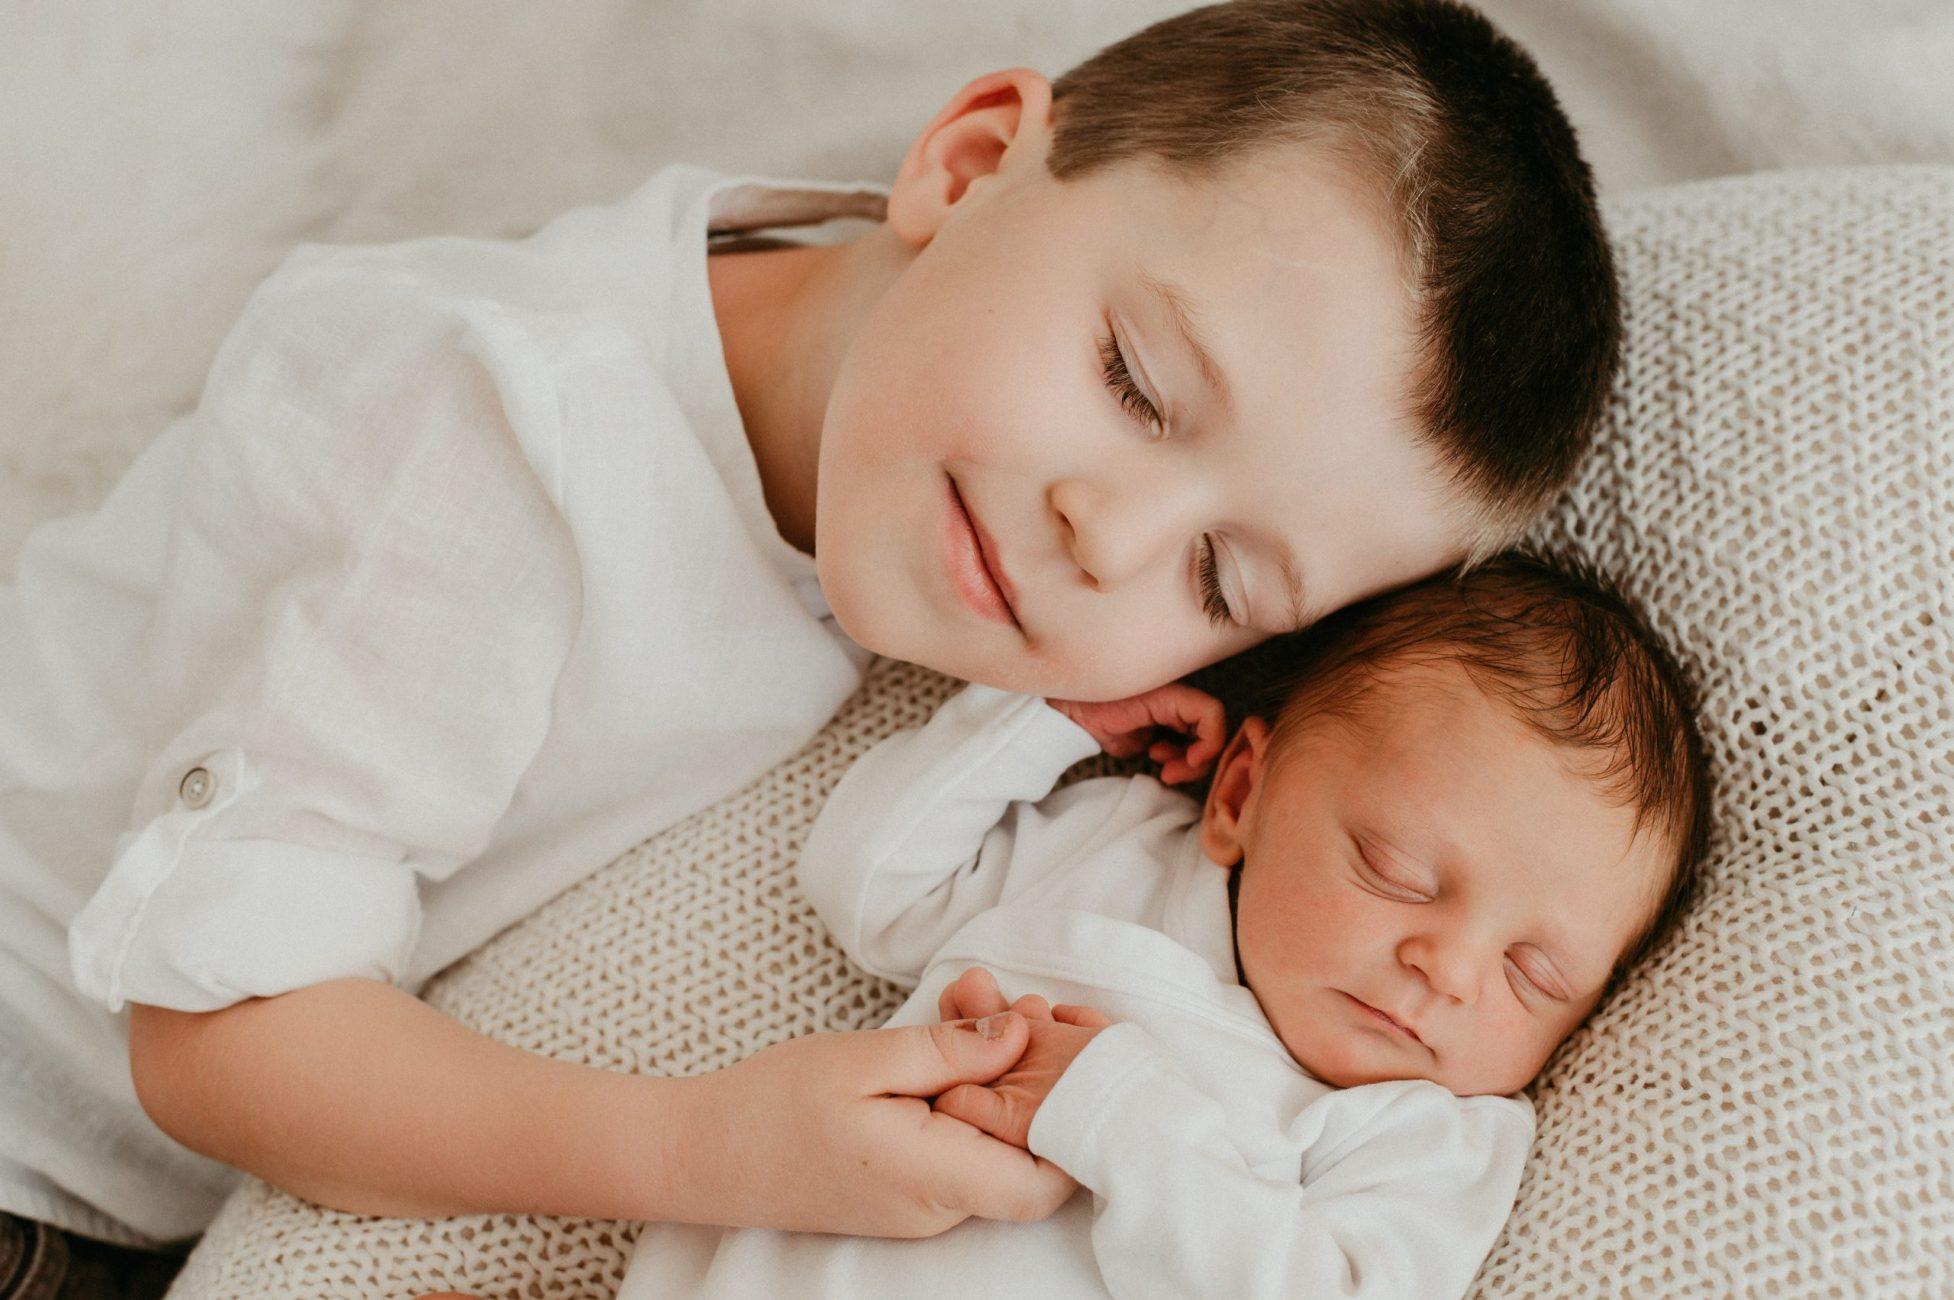 Natürliche und emotionale Neugeborenenfotos und Babyfotos von der Fotografin Julia Aßmann in Hamburg, Buxtehude, Stade, Jork im Studio